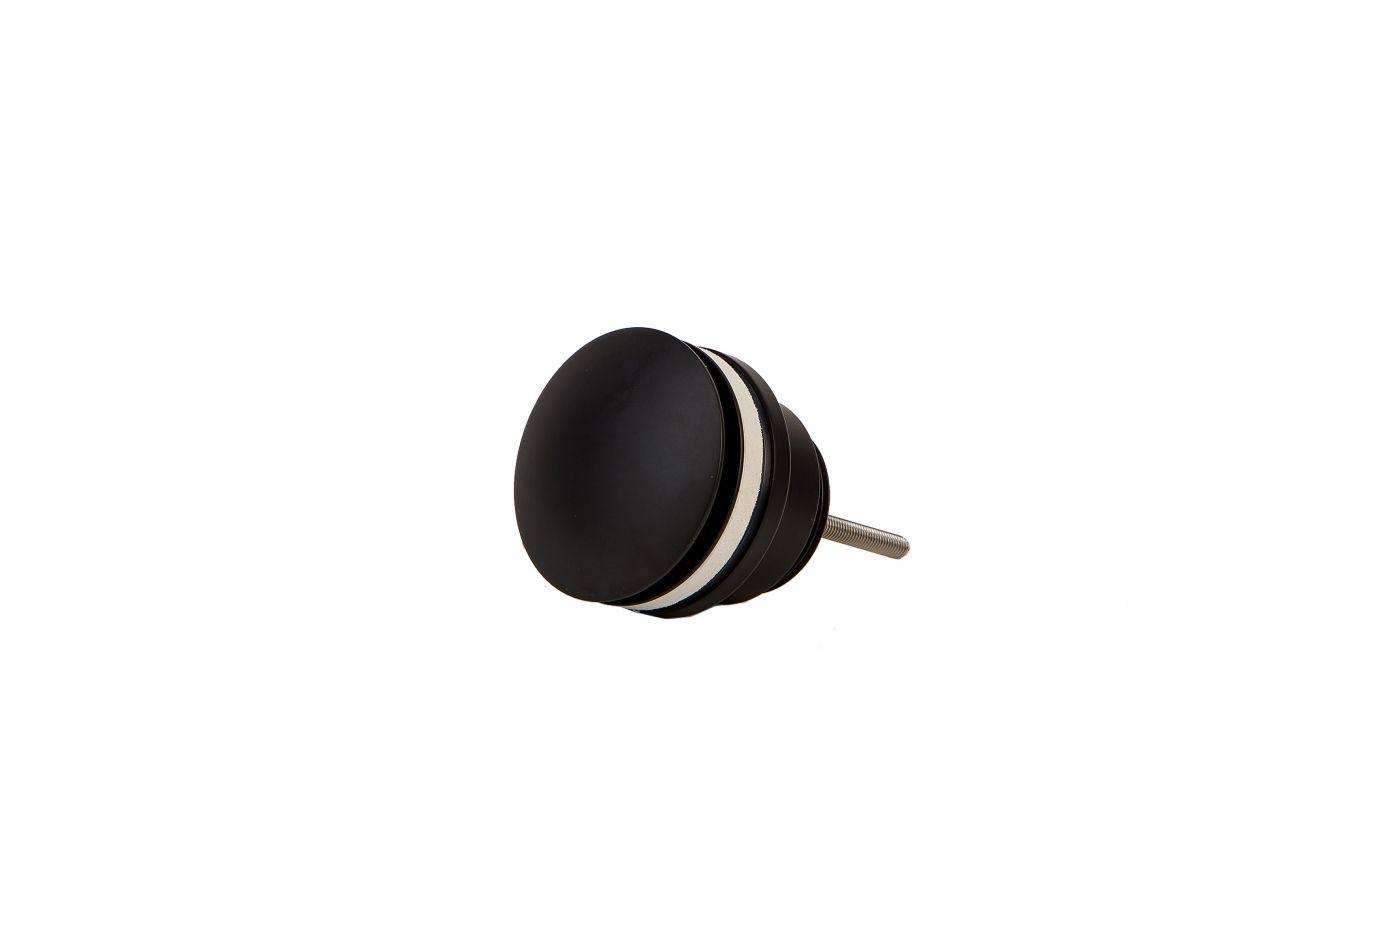 Vaserzberg SUS5 Черный универсальный гидрозатвор для раковины